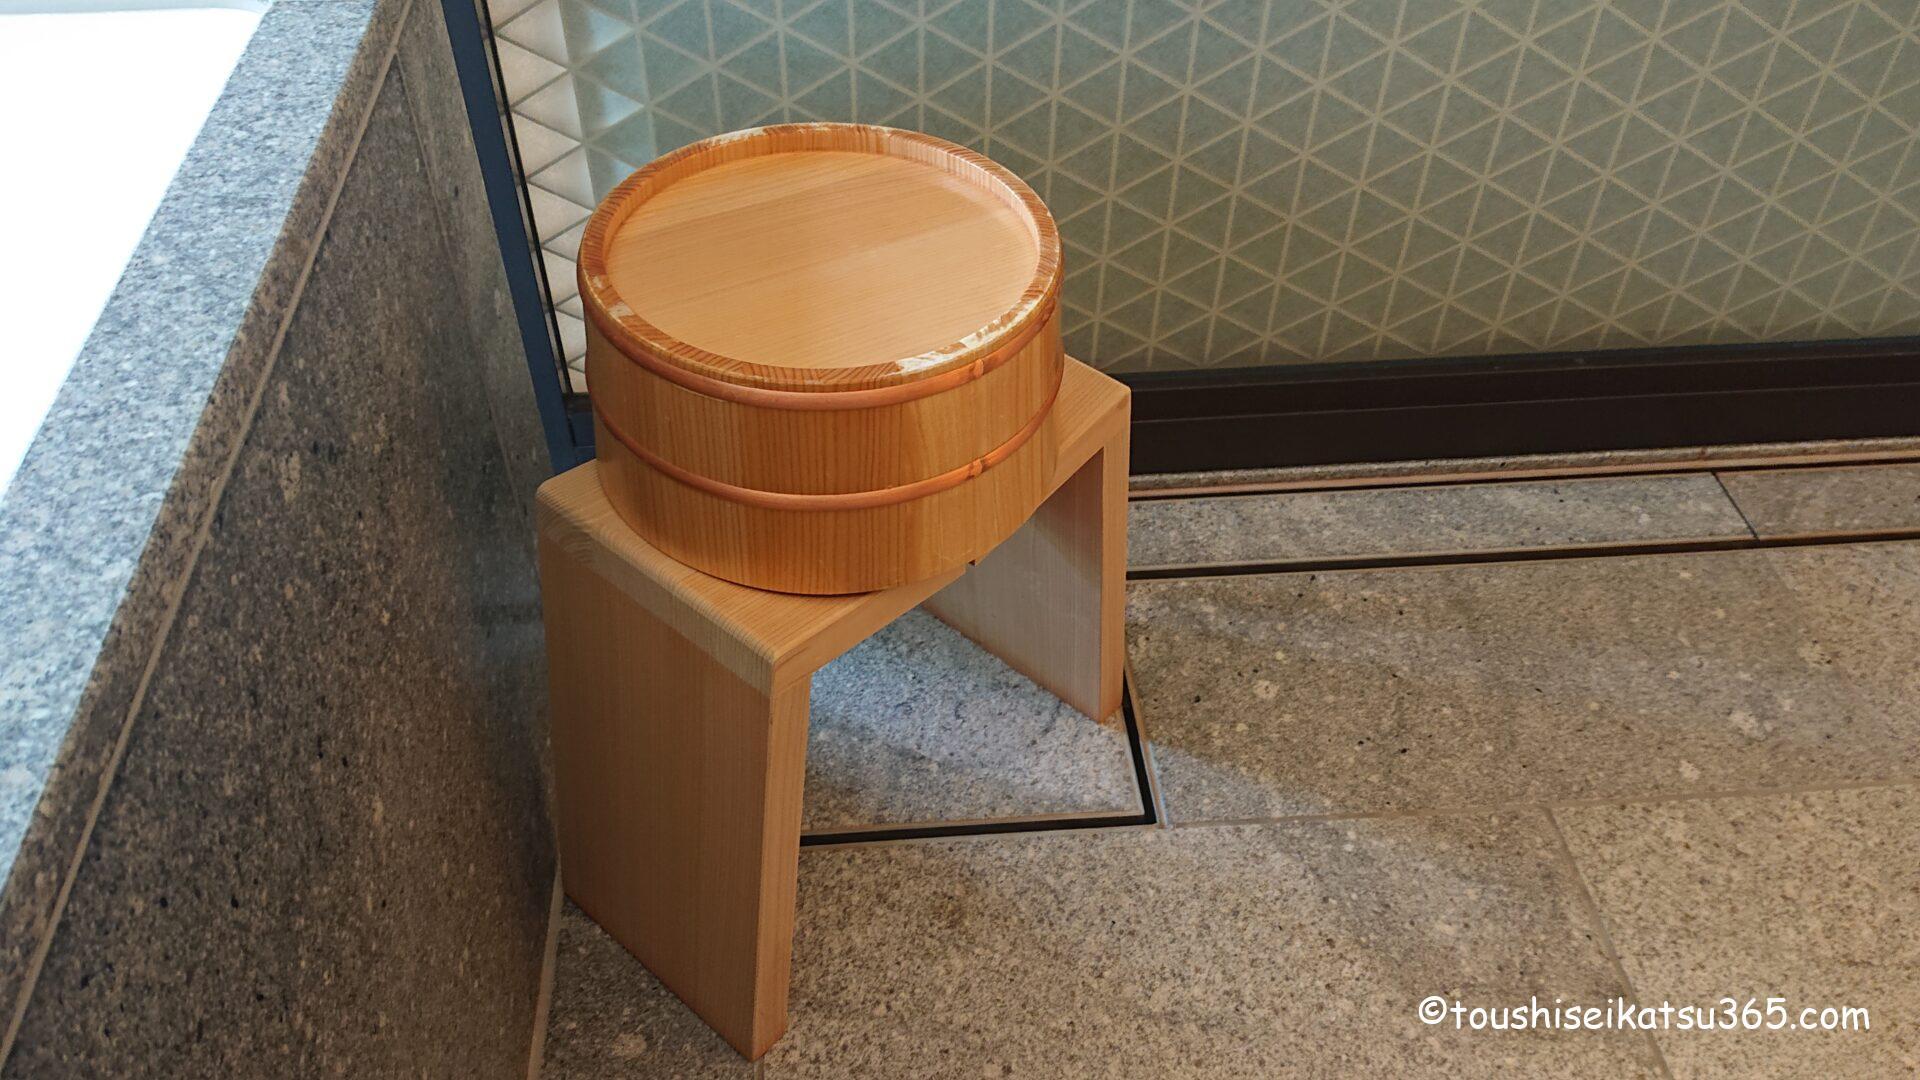 ザ・リッツ・カールトン日光|椅子と桶